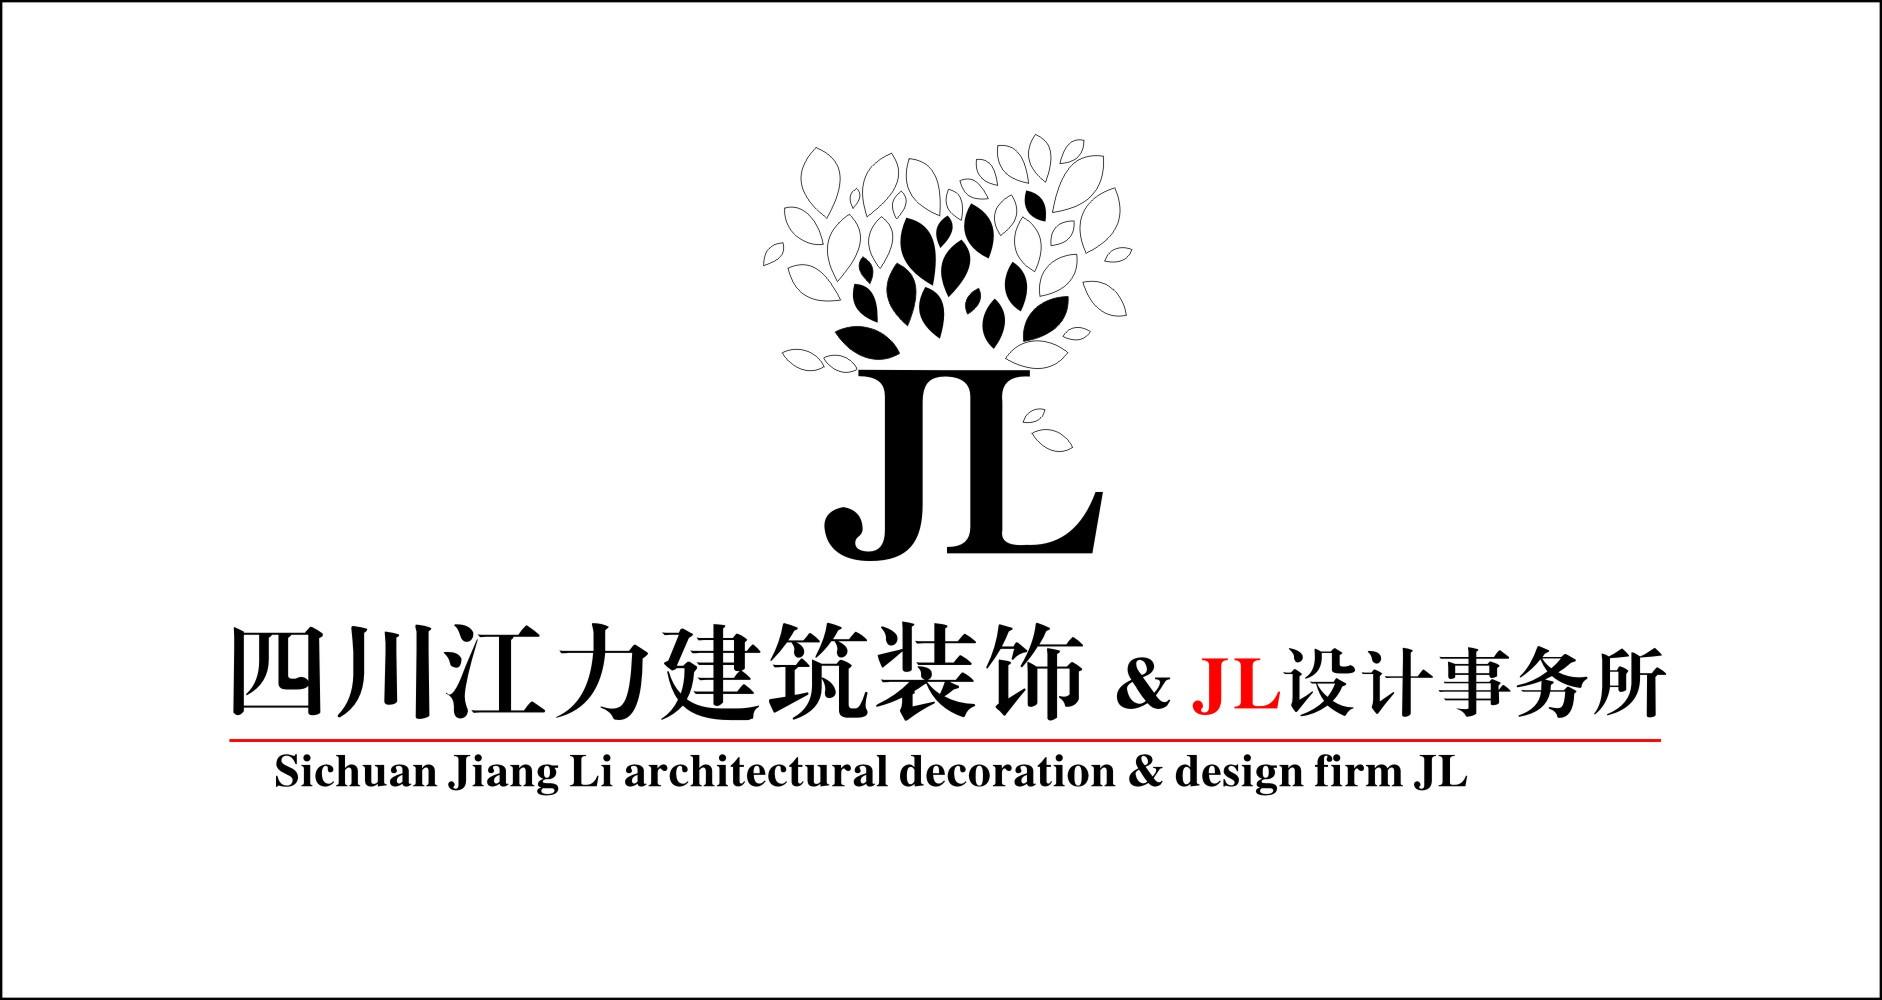 四川江力建筑装饰设计事务所